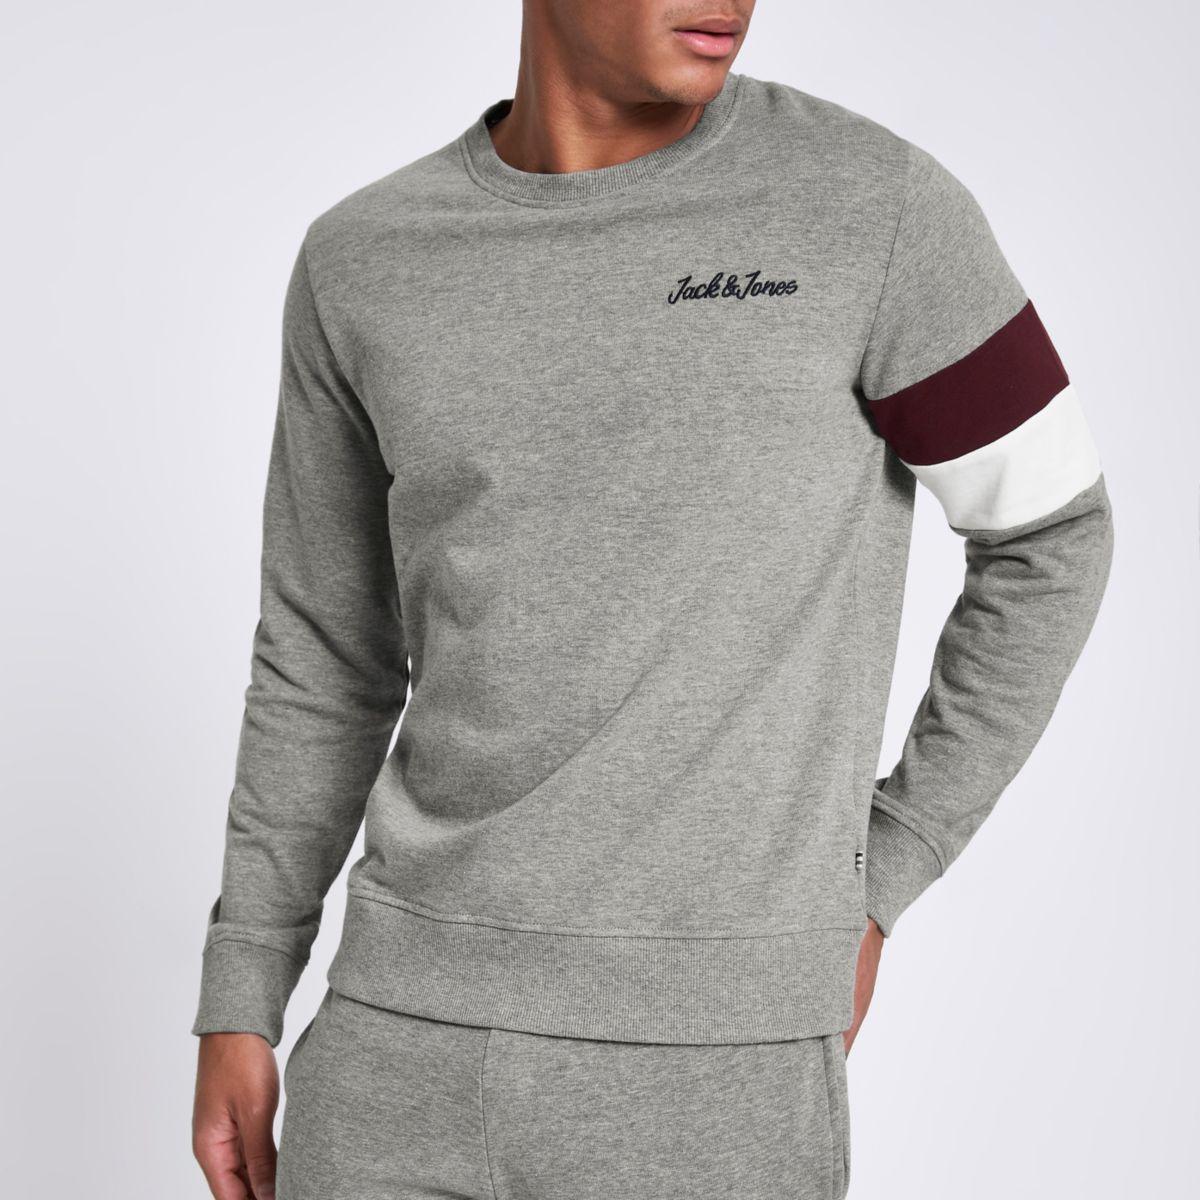 Jack & Jones Originals grey sweatshirt